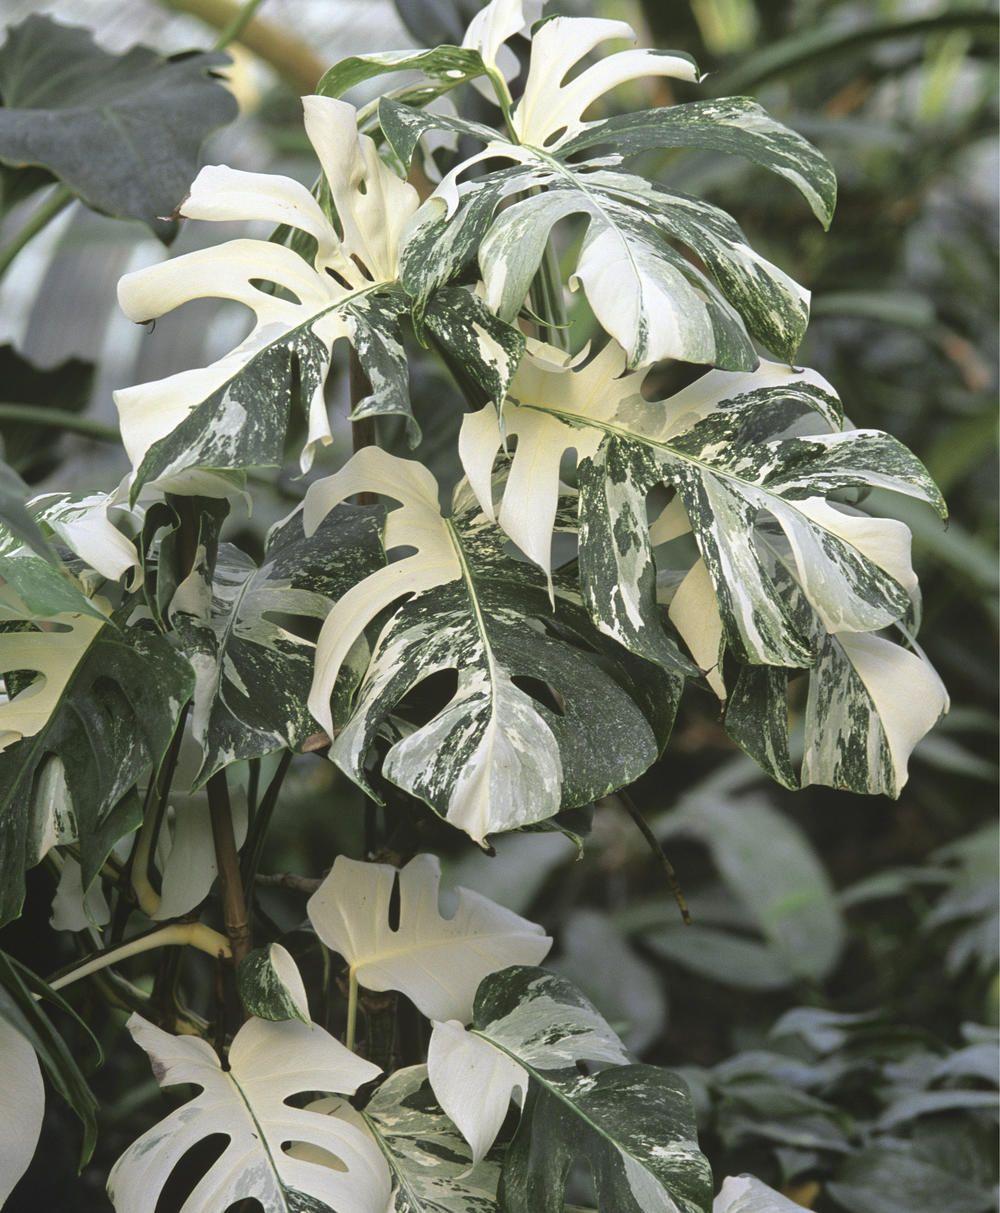 Monstera fensterblatt indoor pflanz und pflegetipps f r zimmerpflanzen pflanzen garten - Zimmerpflanze monstera ...